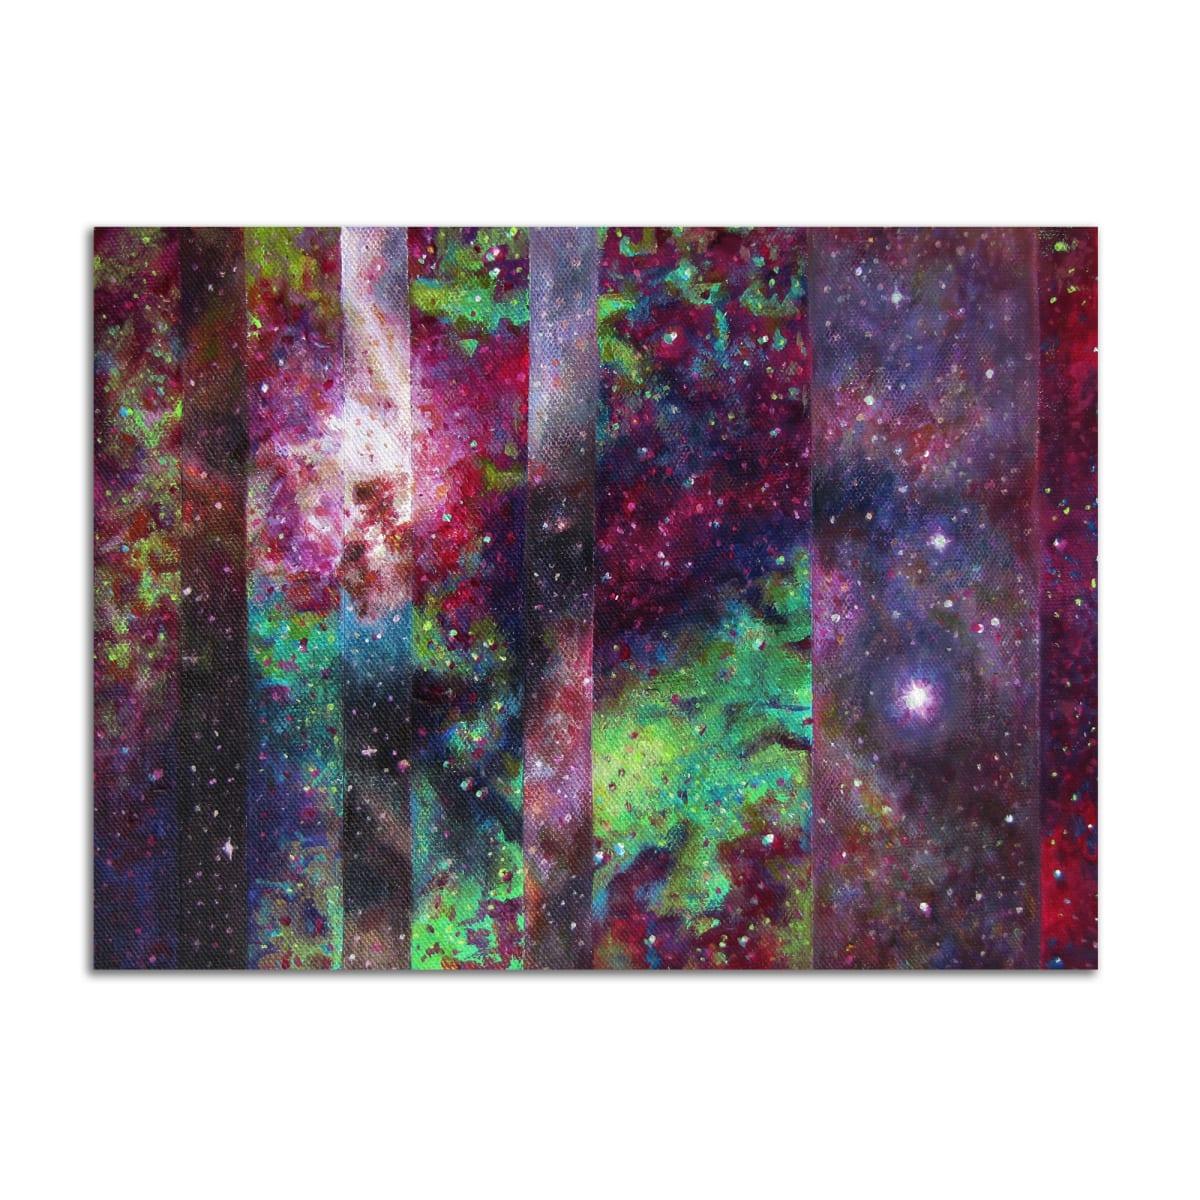 5: Carina Nebula by Christie Snelson